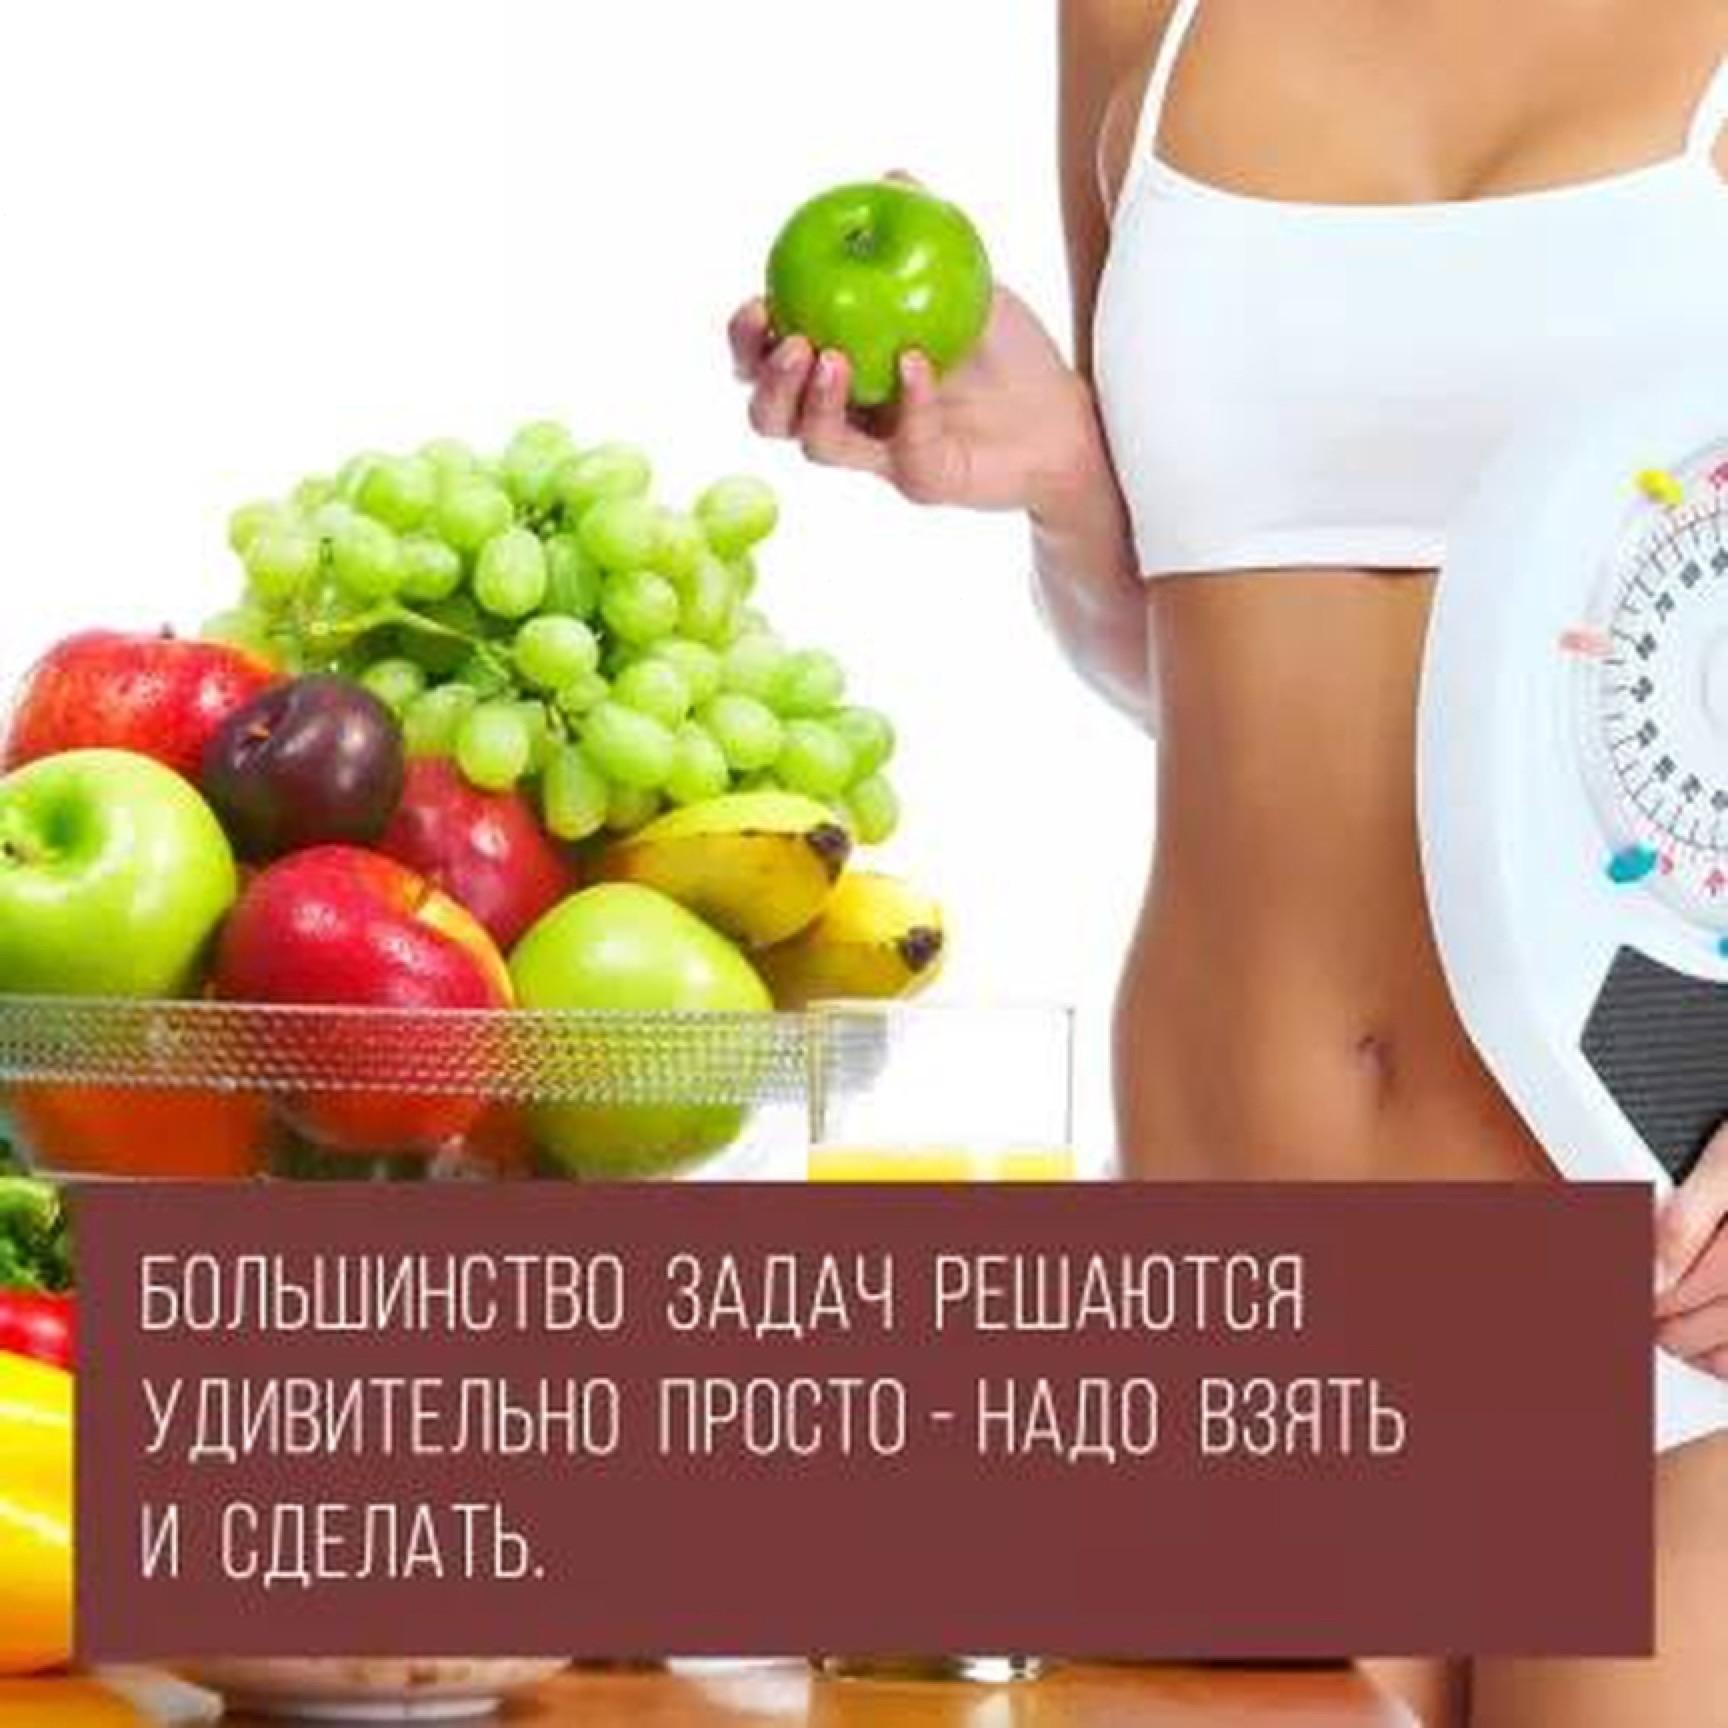 Детокс Диета От Врача. Как обменять лишние килограммы на здоровье с помощью детокс-диеты